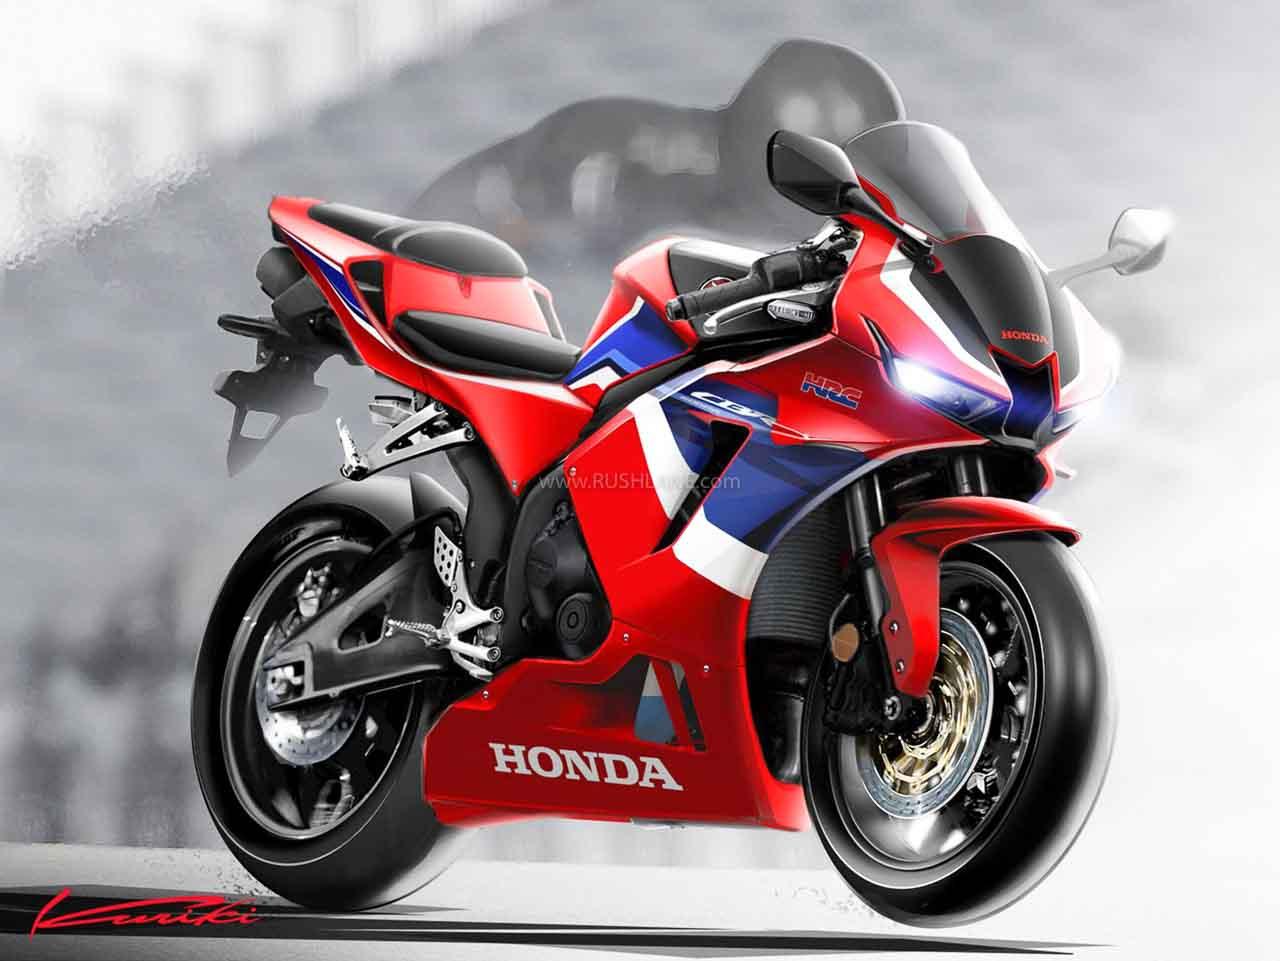 Kelebihan Kekurangan Honda Cb600R Perbandingan Harga